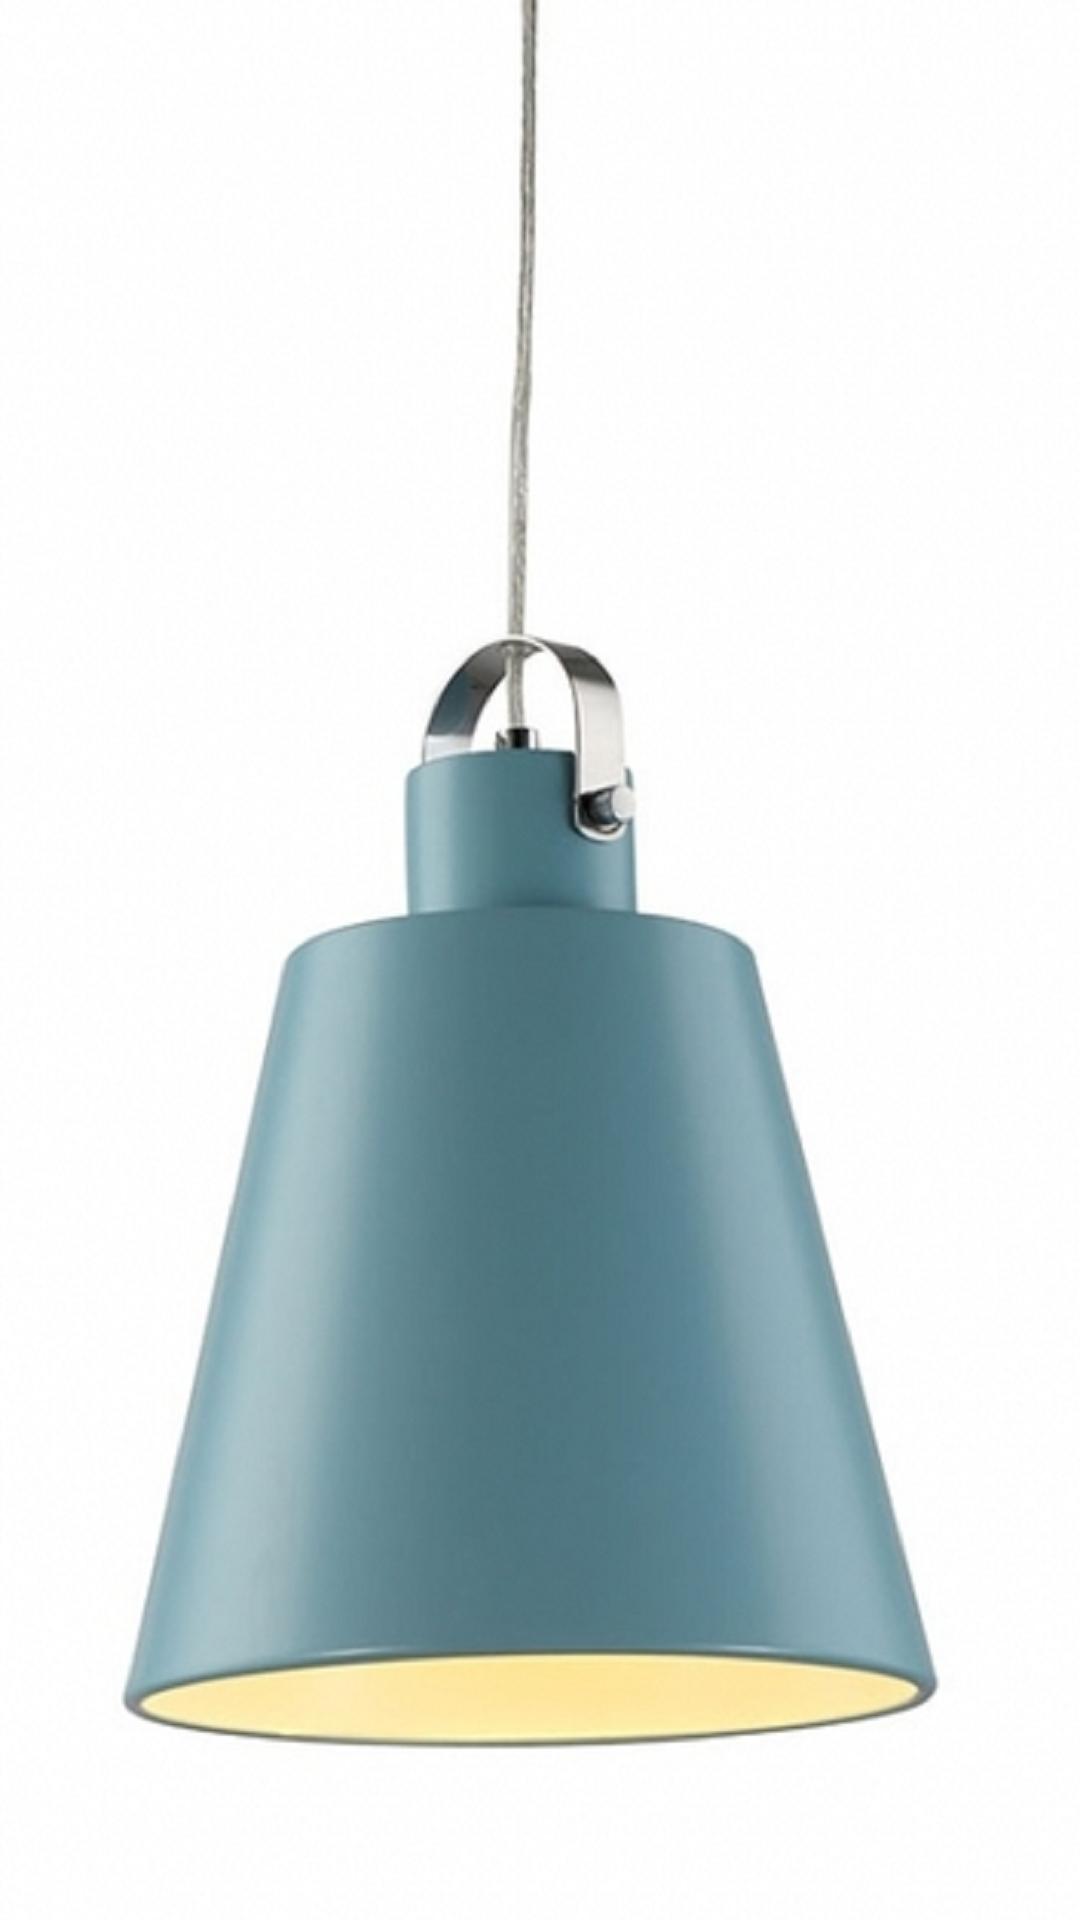 Светодиодный св-к подвесной 5W 4200К Голубой